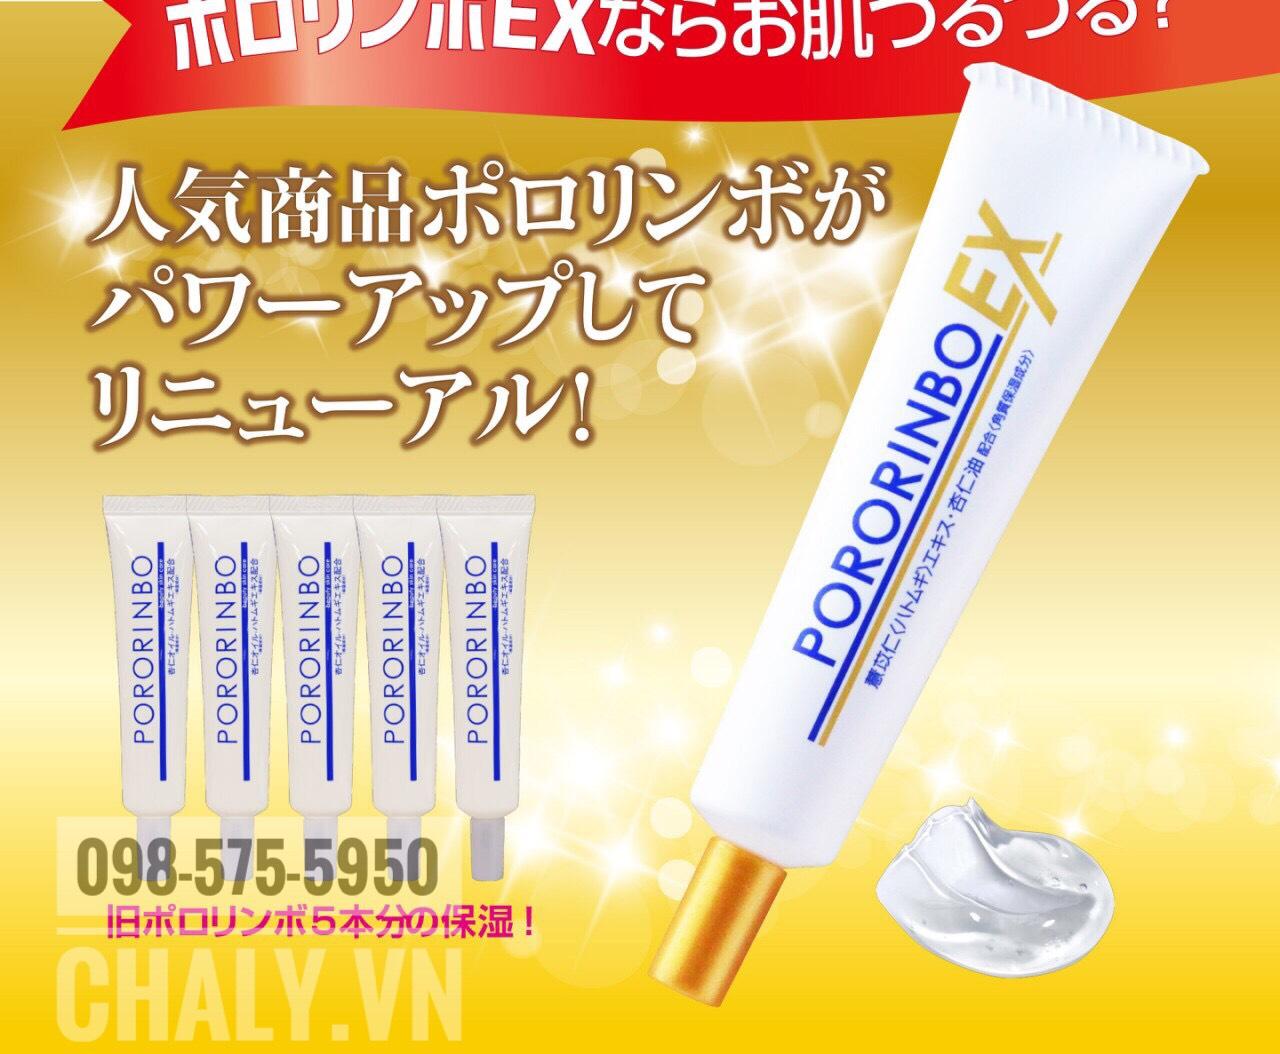 Gel trị mụn thịt quanh mắt và cổ Pororinbo EX là mẫu mới nhất hiện hành, có thành phần gấp 5 lần mẫu cũ, tăng gấp 5 lần công dụng